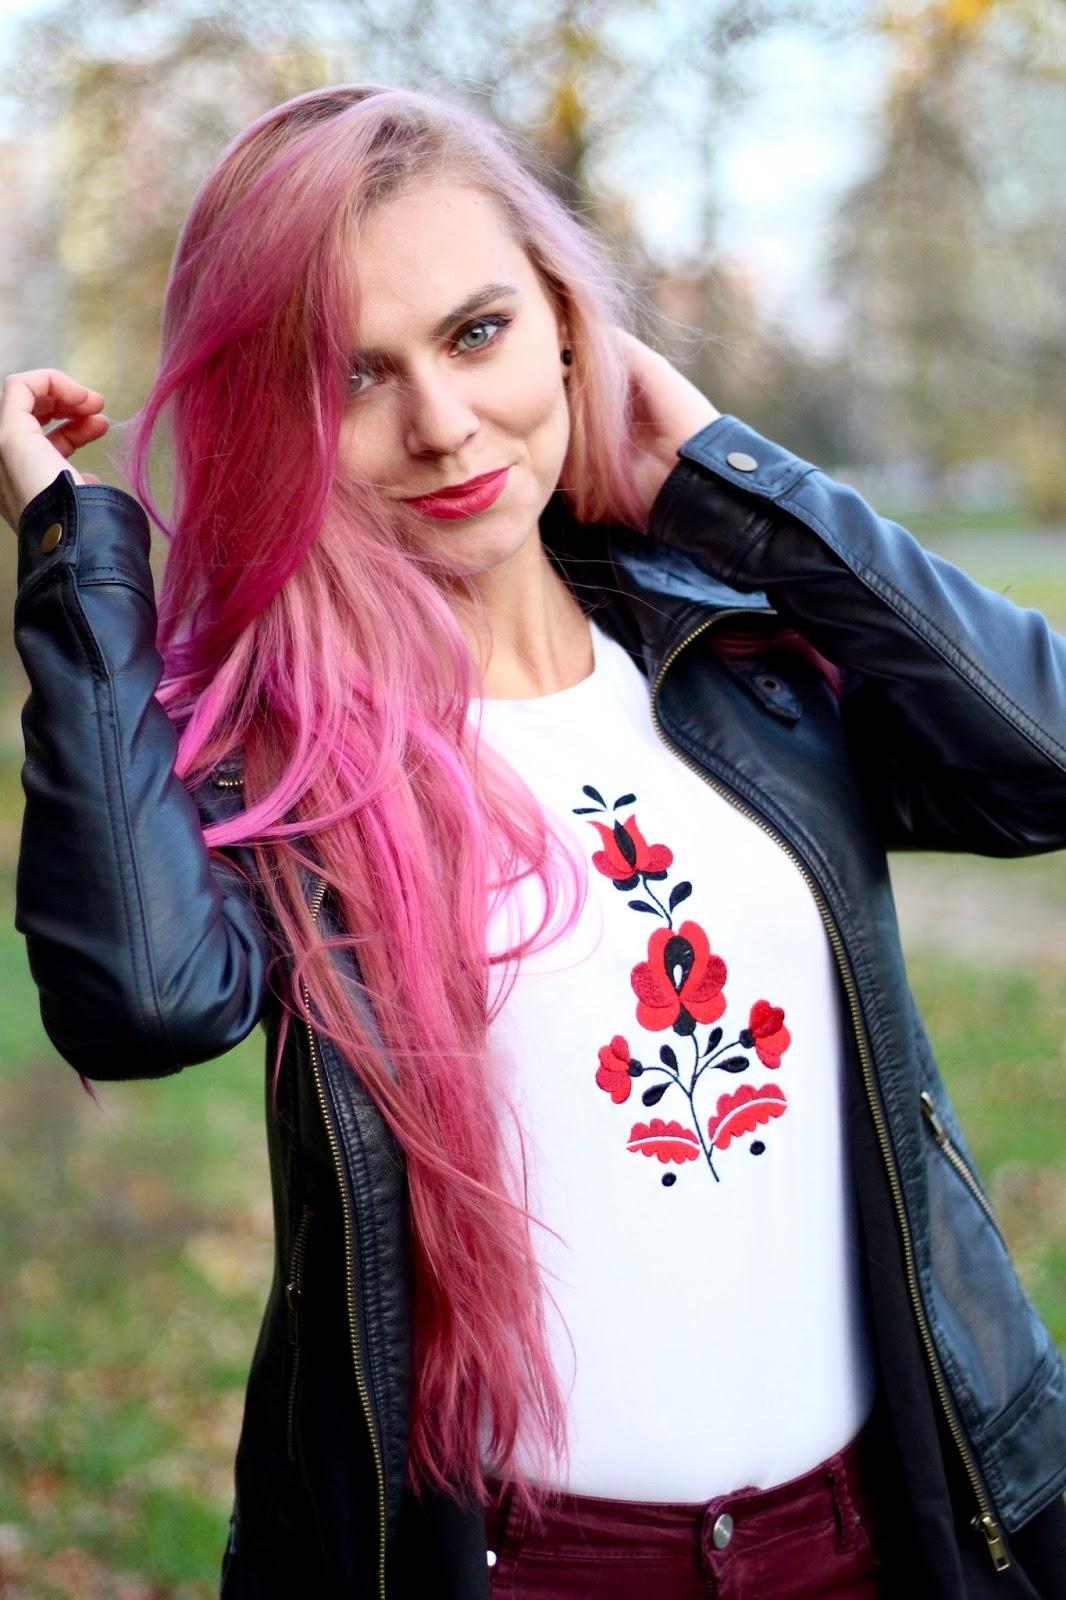 ružové vlasy, pink hair, autumn outfit